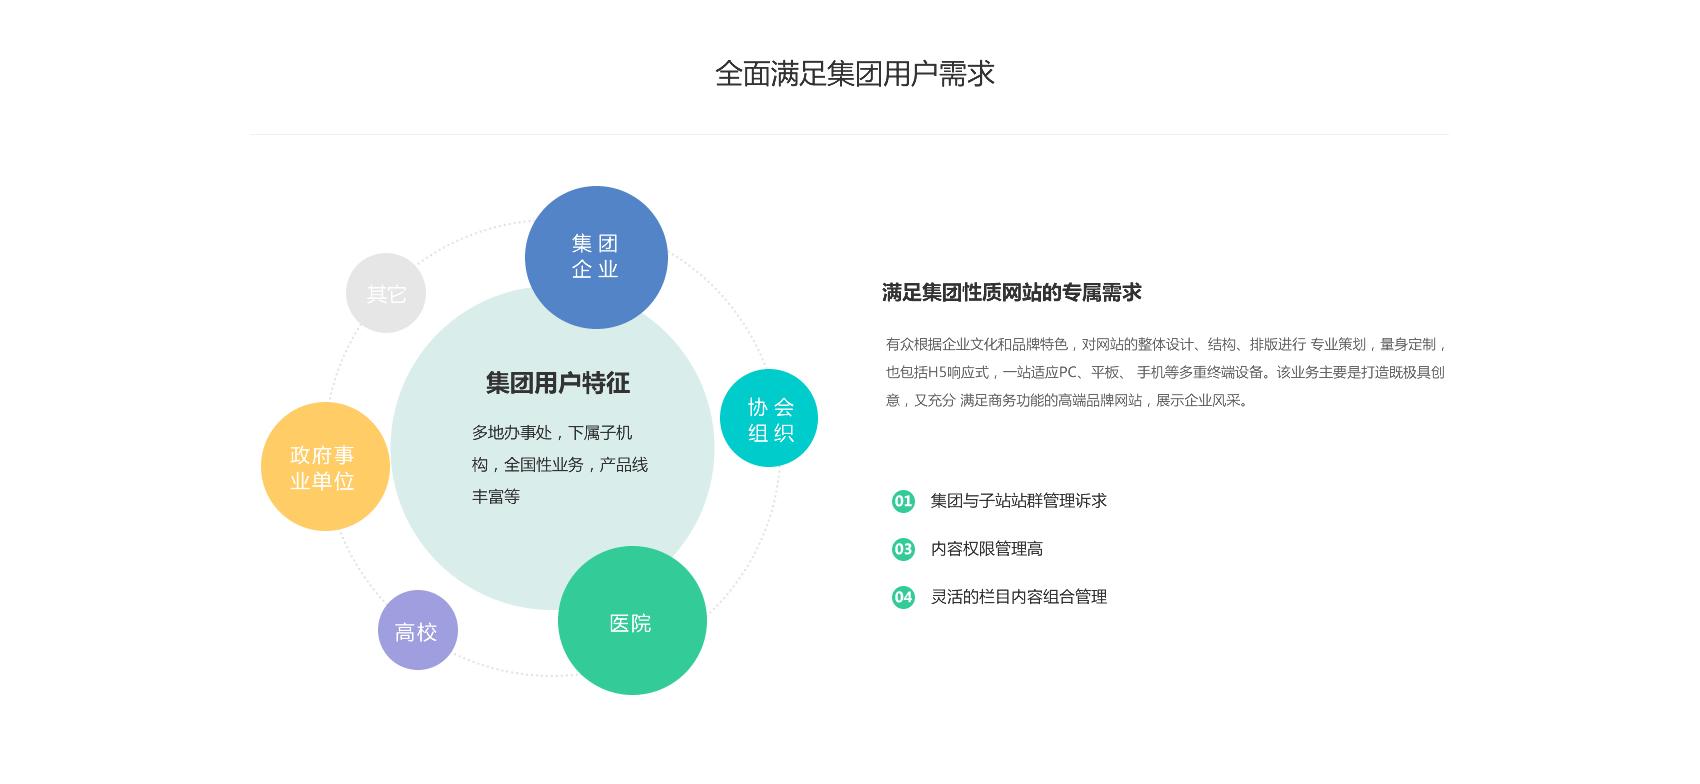 集团上市公司官网及站群_r1_c1.jpg